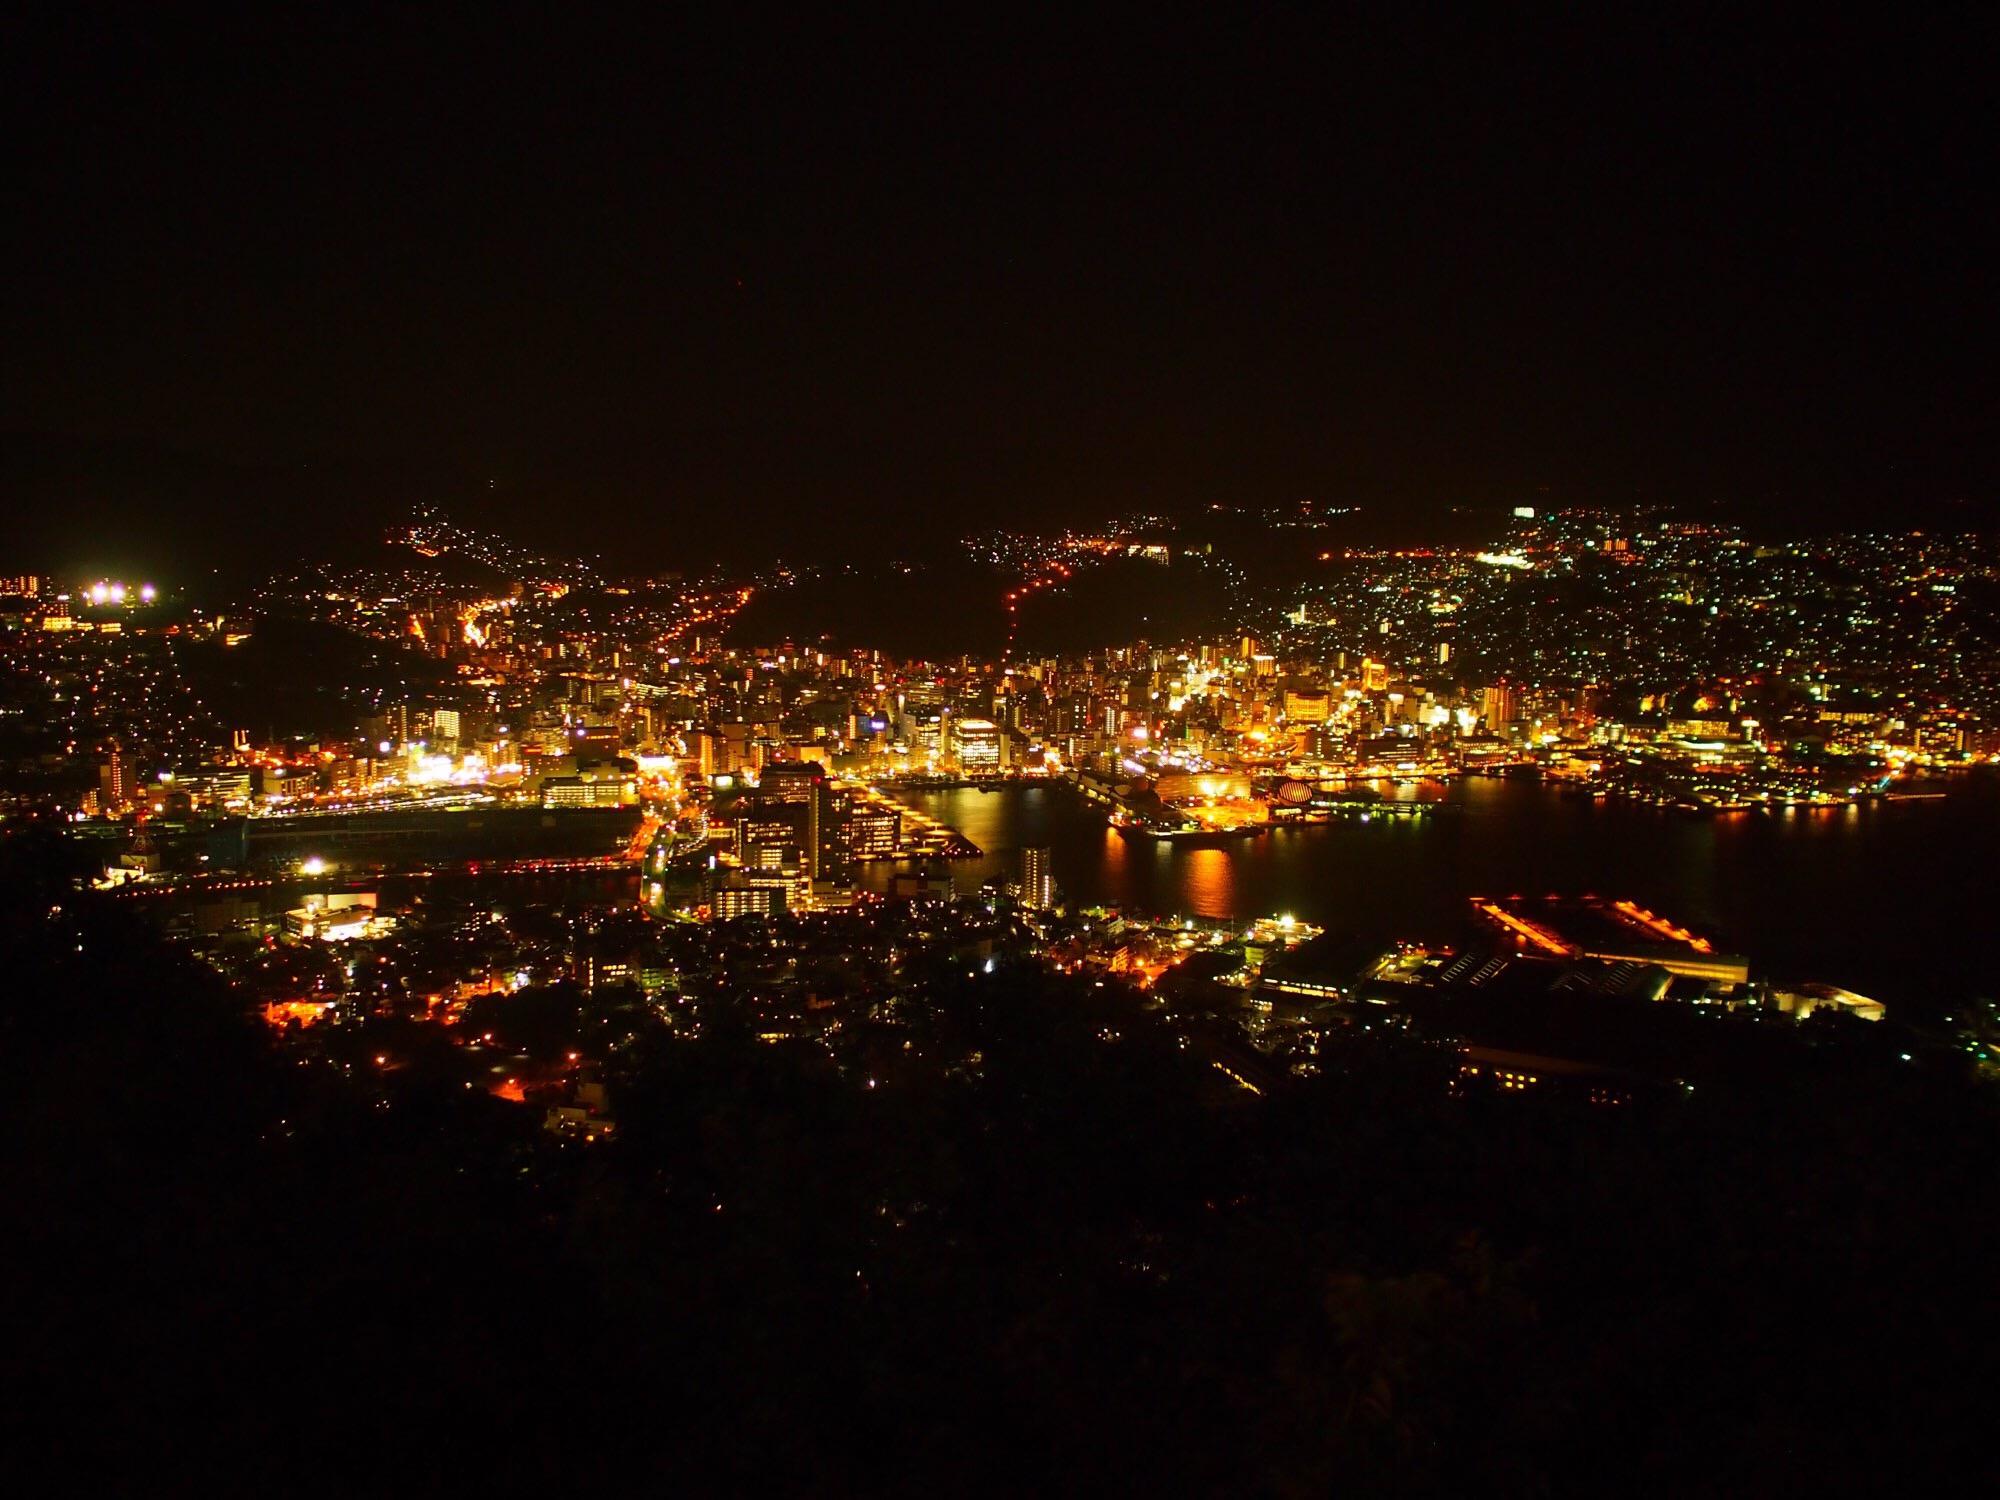 長崎で人気の夜景スポット 稲佐山